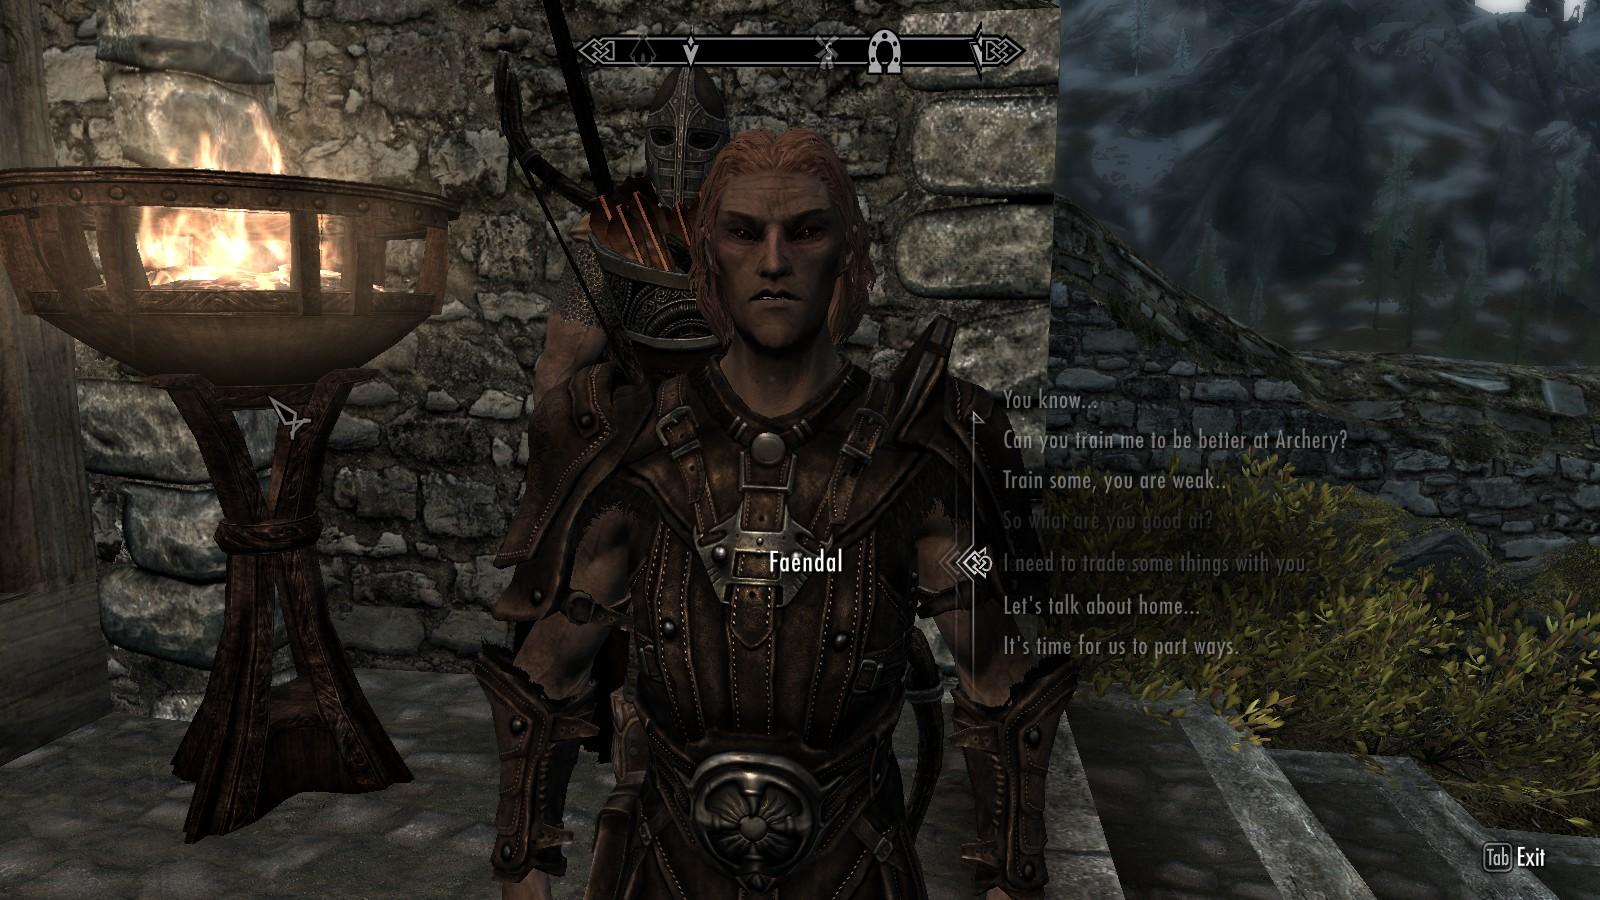 Код на дружелюбие. The Elder Scrolls Wiki FANDOM powered by Wikia 67